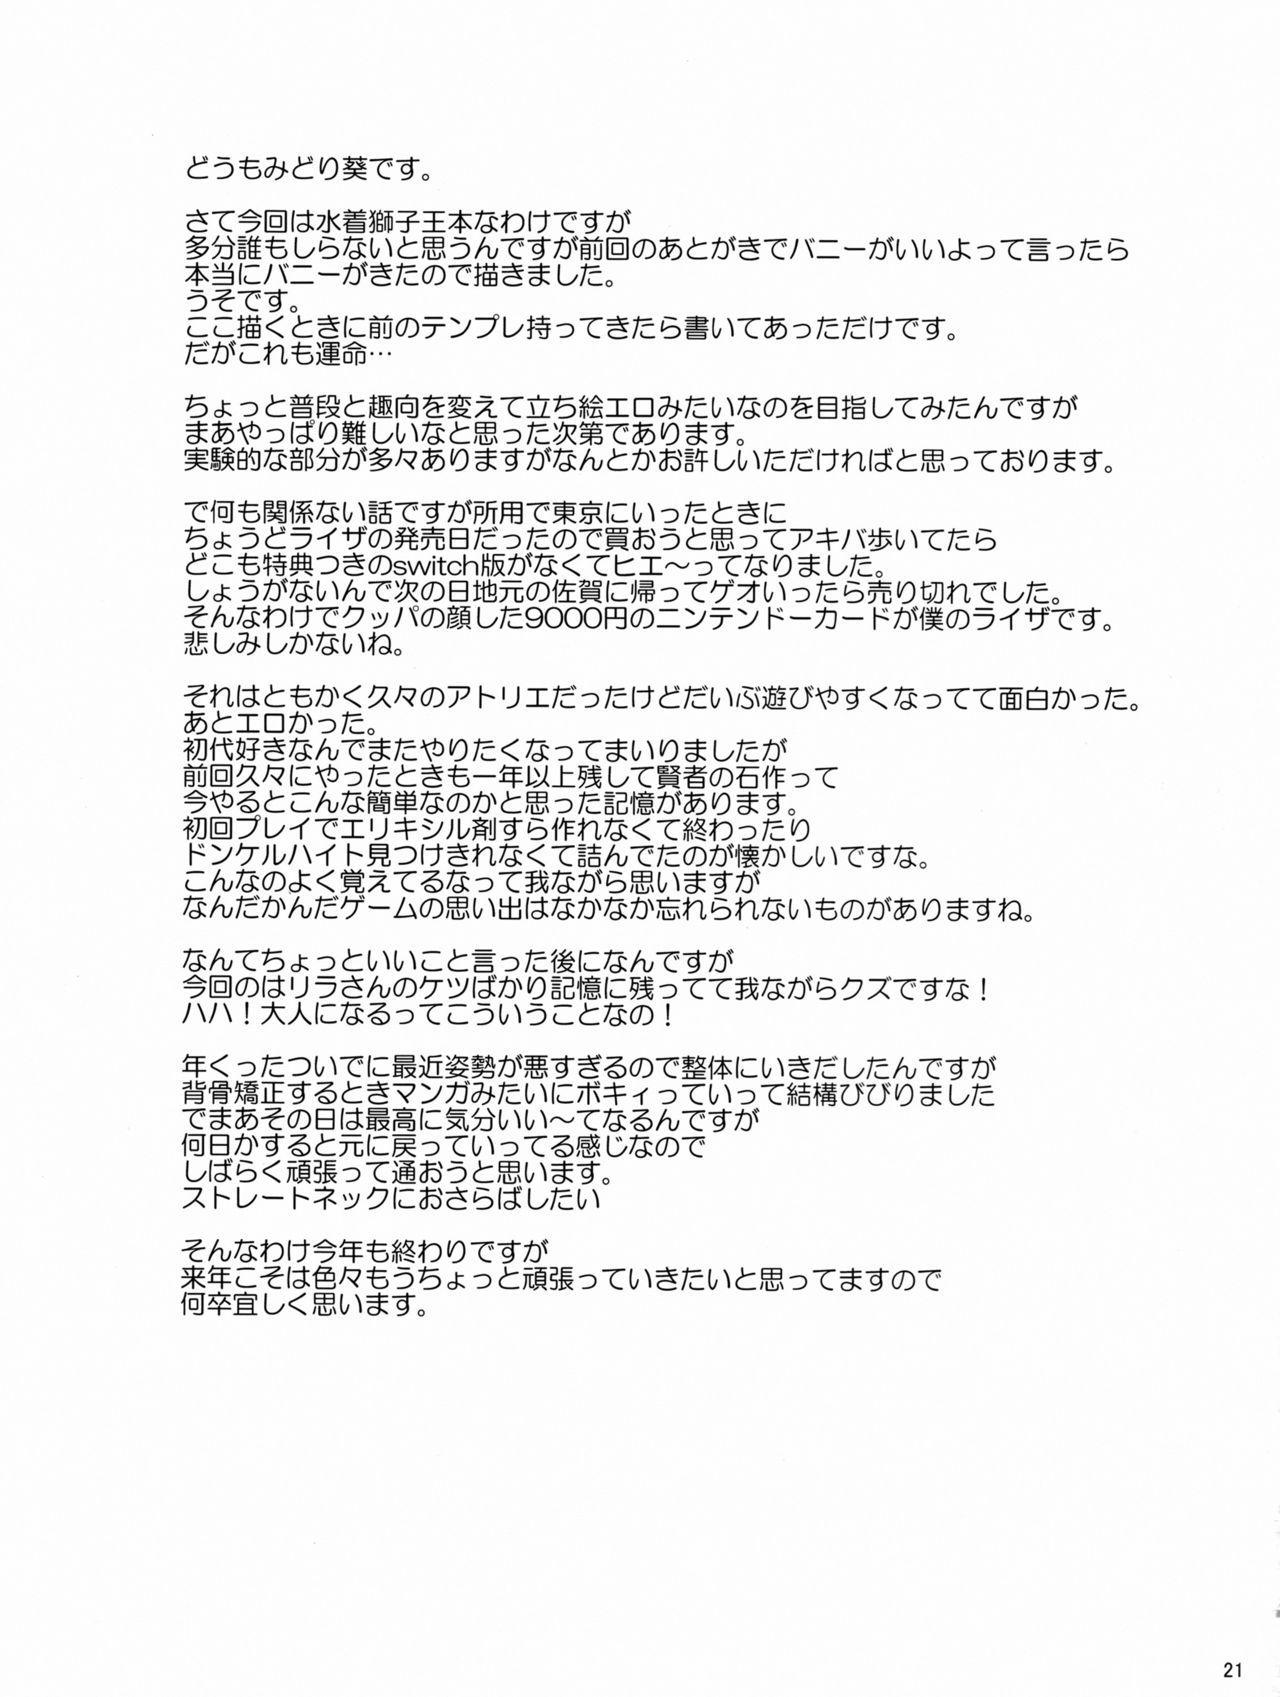 Inran Usagi no Shakkin Hensai Namahame Koubi 19